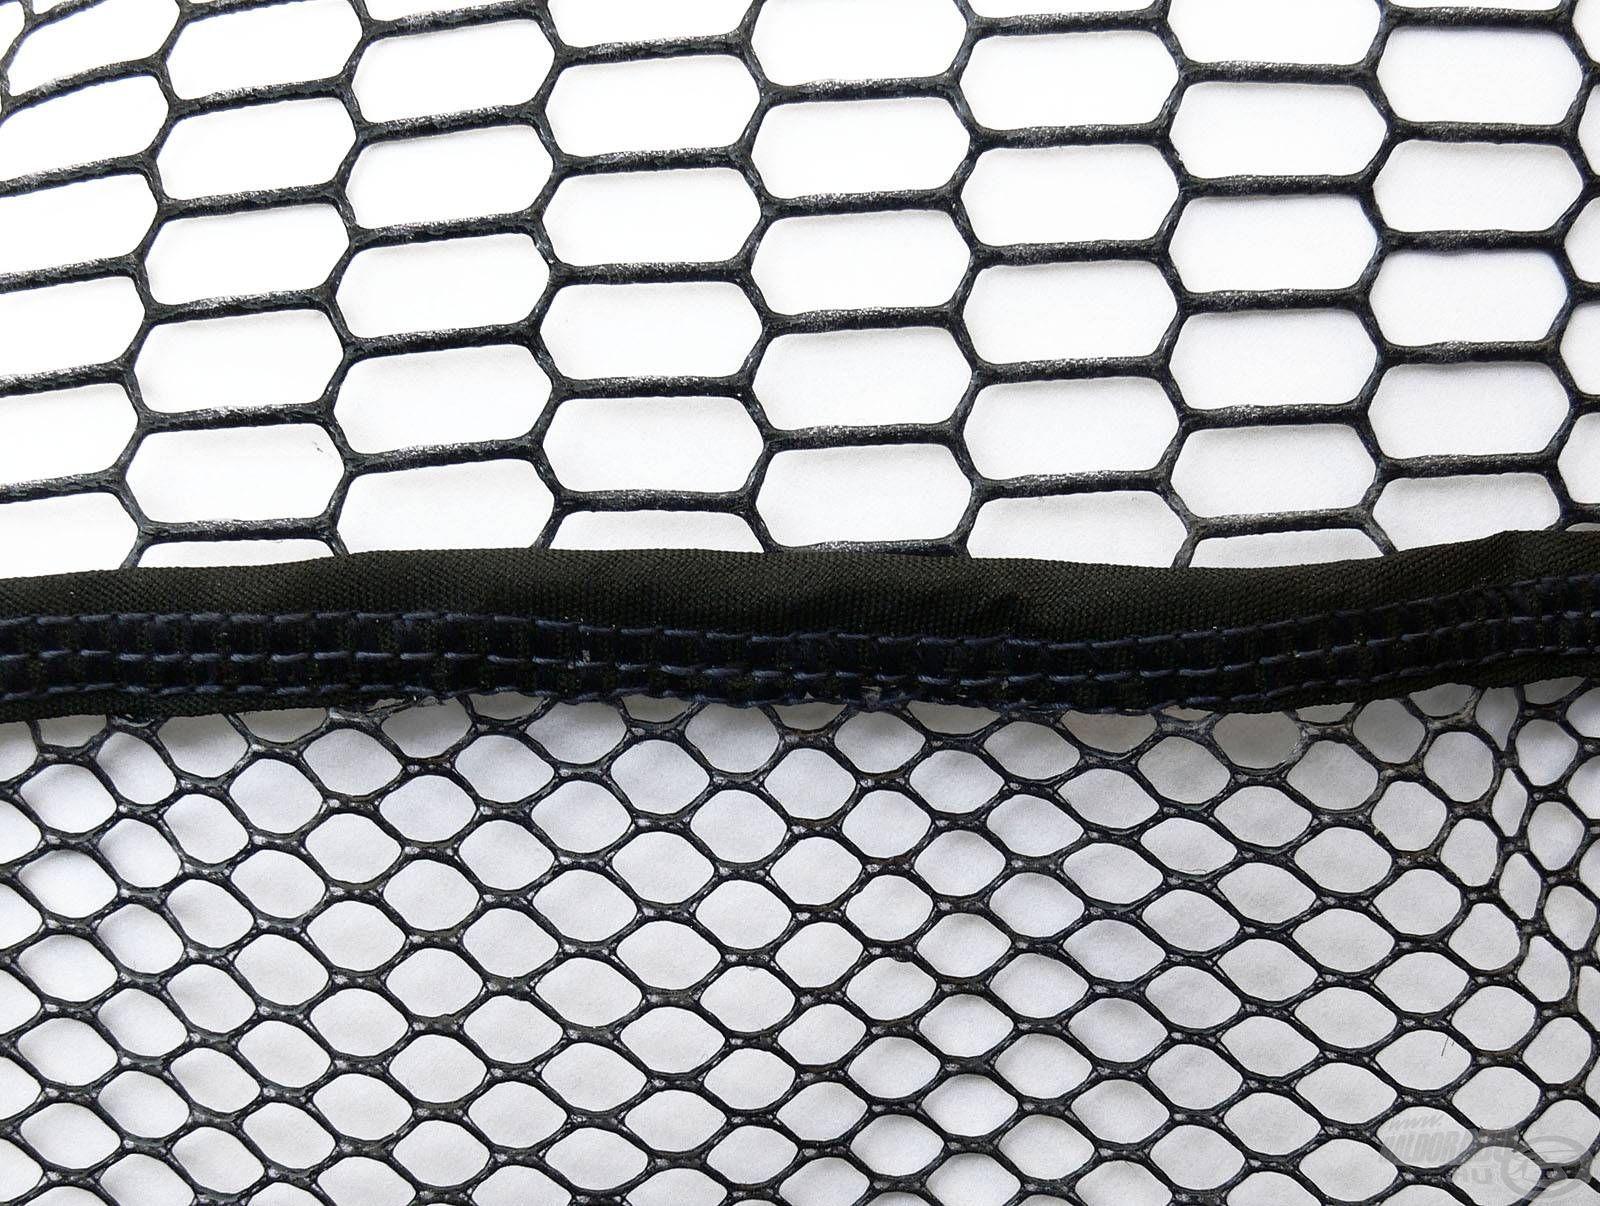 A merítőfej hálójának oldalfala közepesen sűrű lyukbőségű, míg az alsó része praktikusan ettől sűrűbb szövéssel rendelkezik.